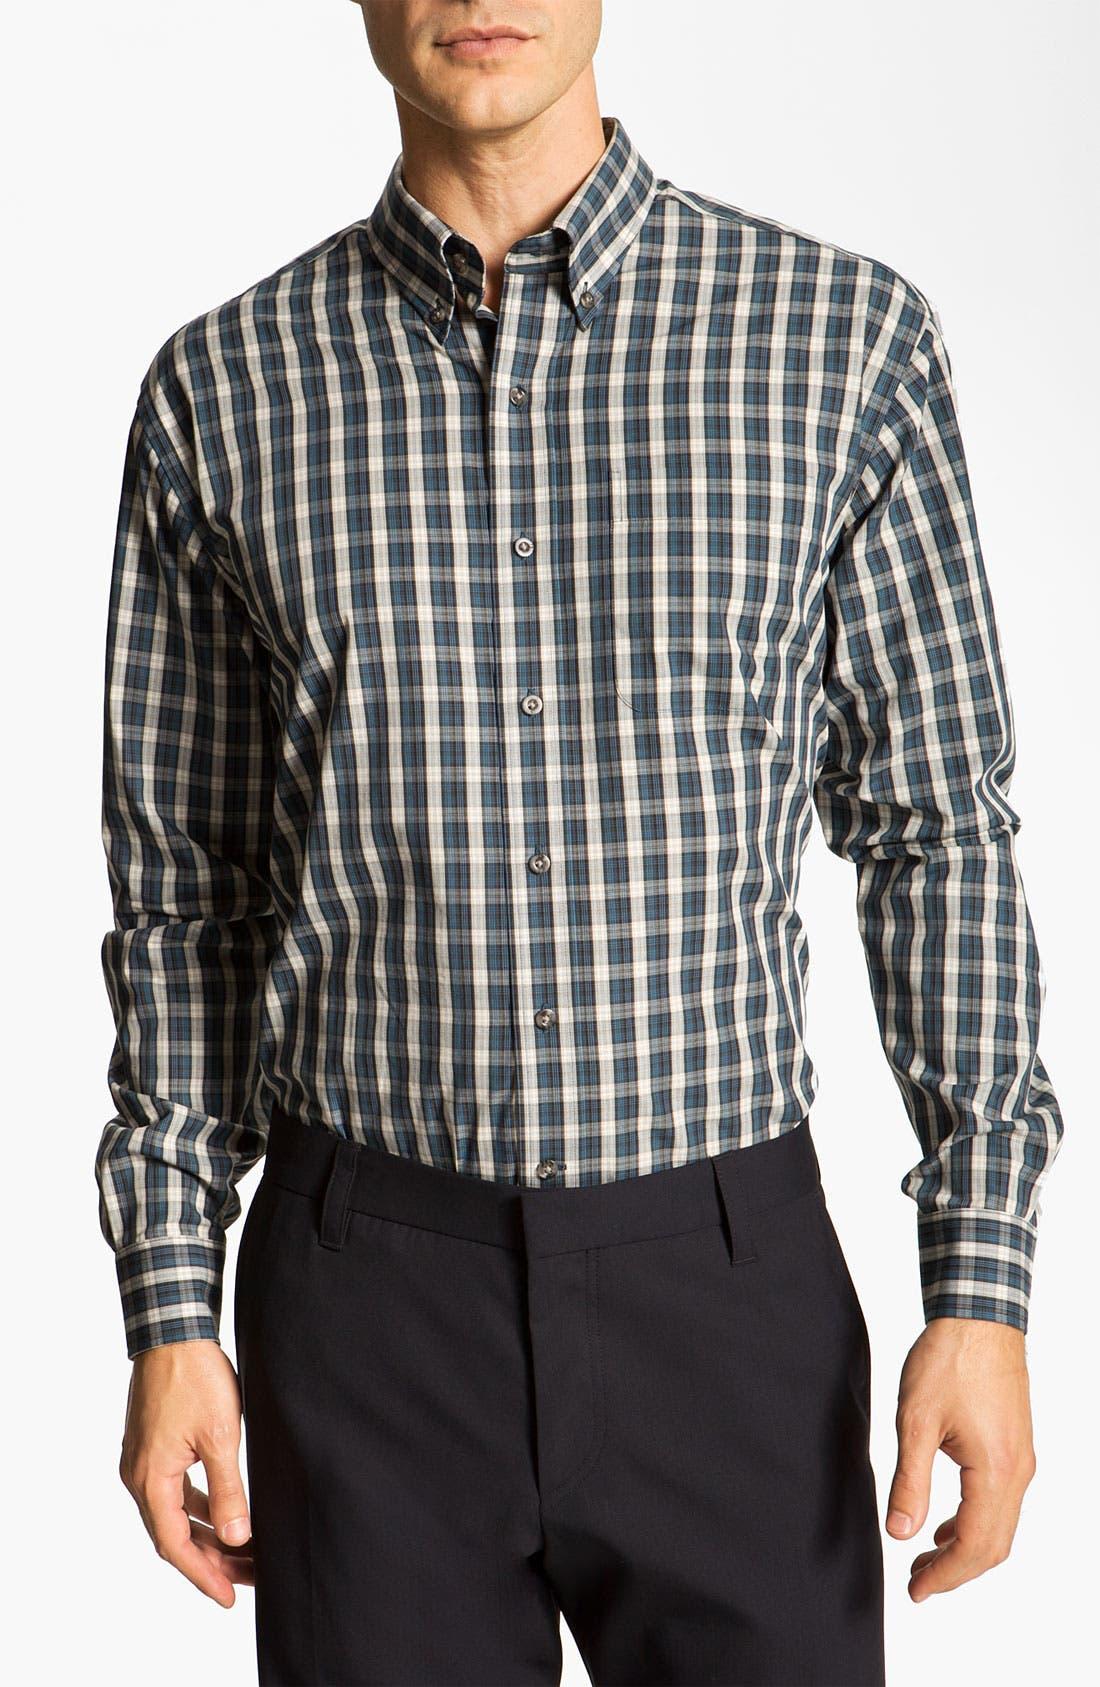 Main Image - Cutter & Buck 'Marblemount' Plaid Sport Shirt